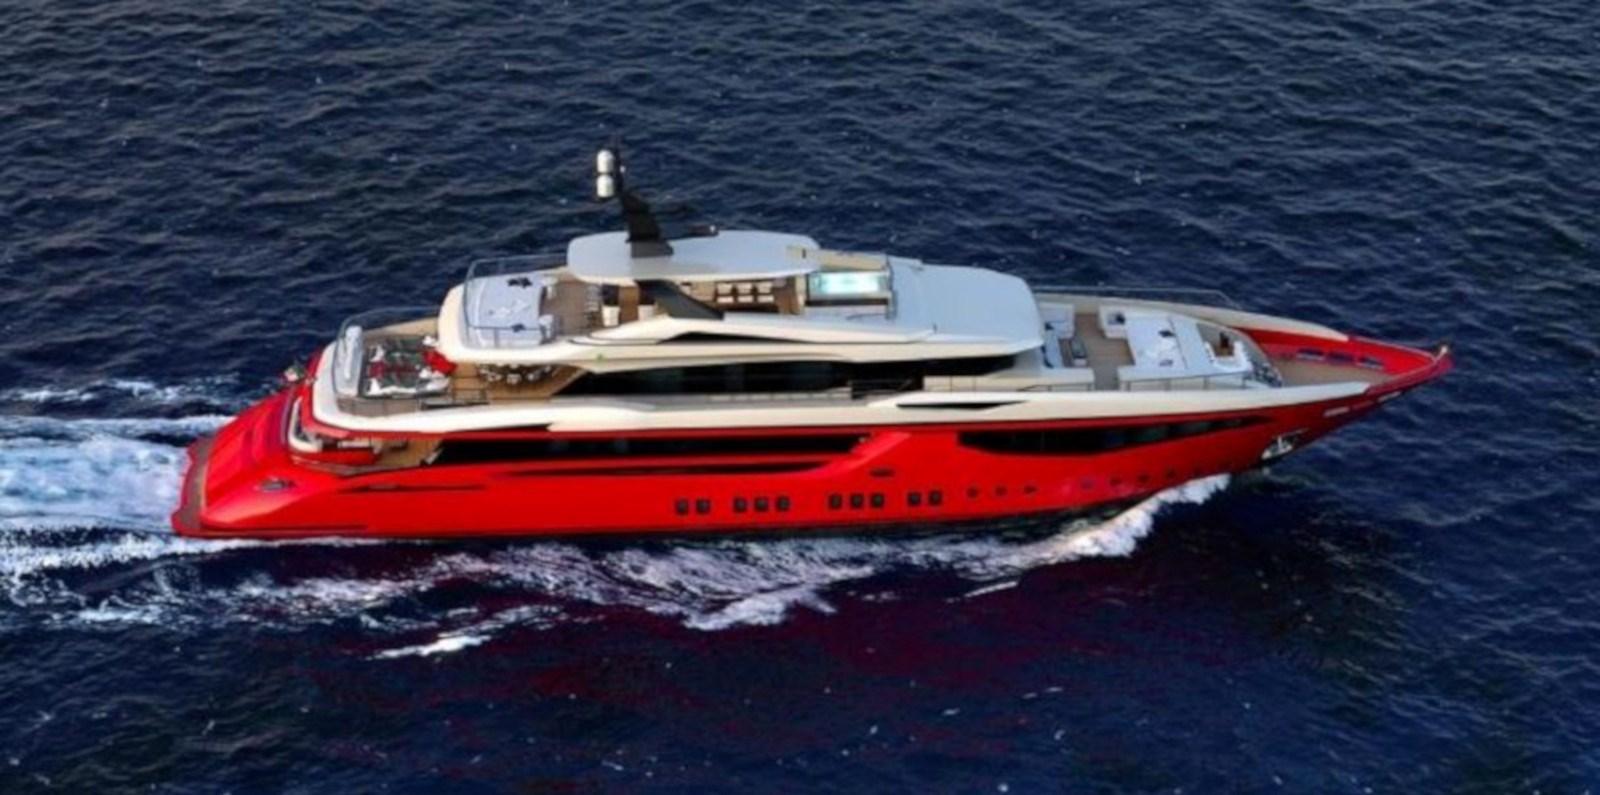 IPANEMA 2016 MONDOMARINE Alloy 3 Deck Motor Yacht 2511790